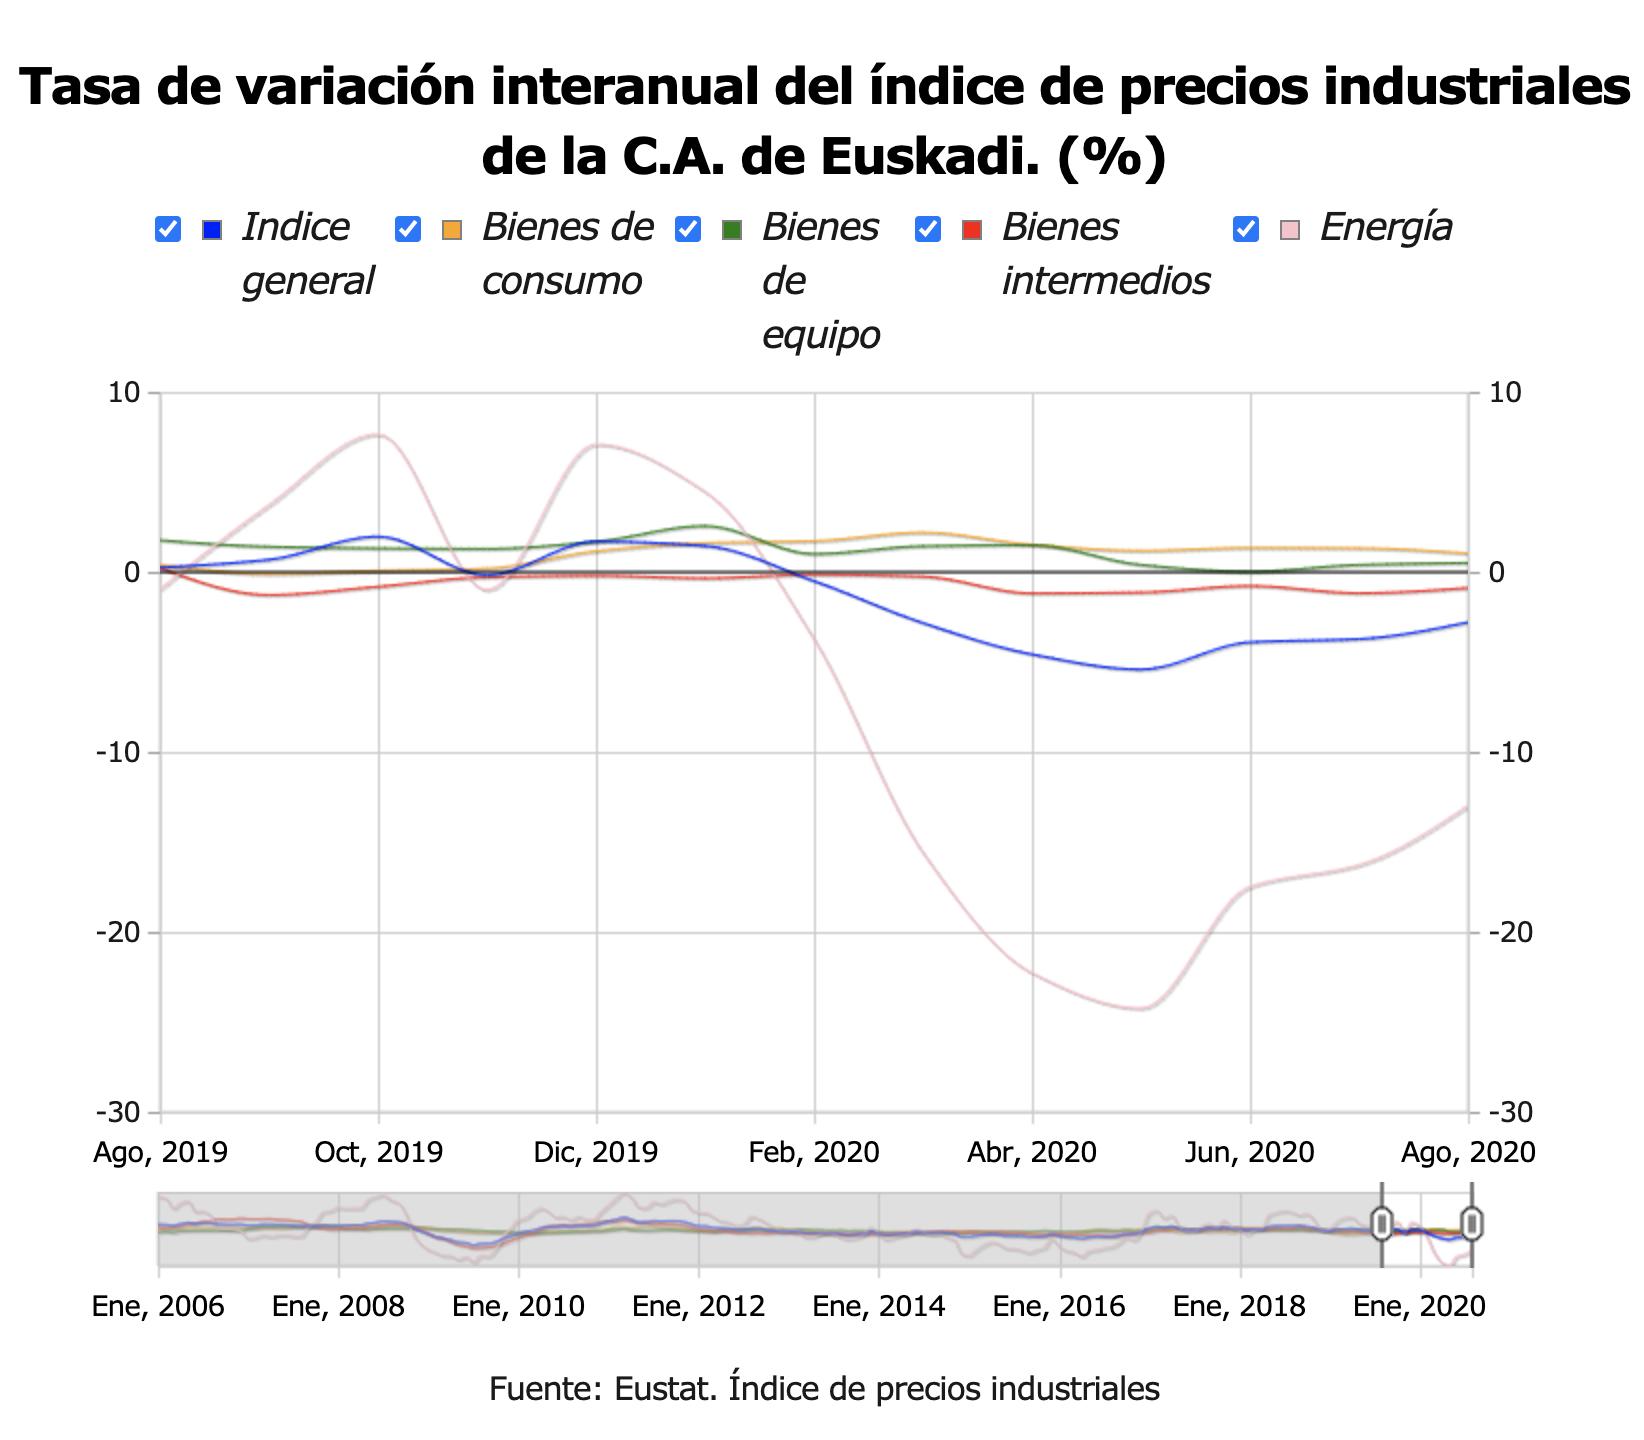 Los precios industriales en País Vasco ascendieron un 0,5% en el mes de agosto de 2020 respecto al mes anterior 1